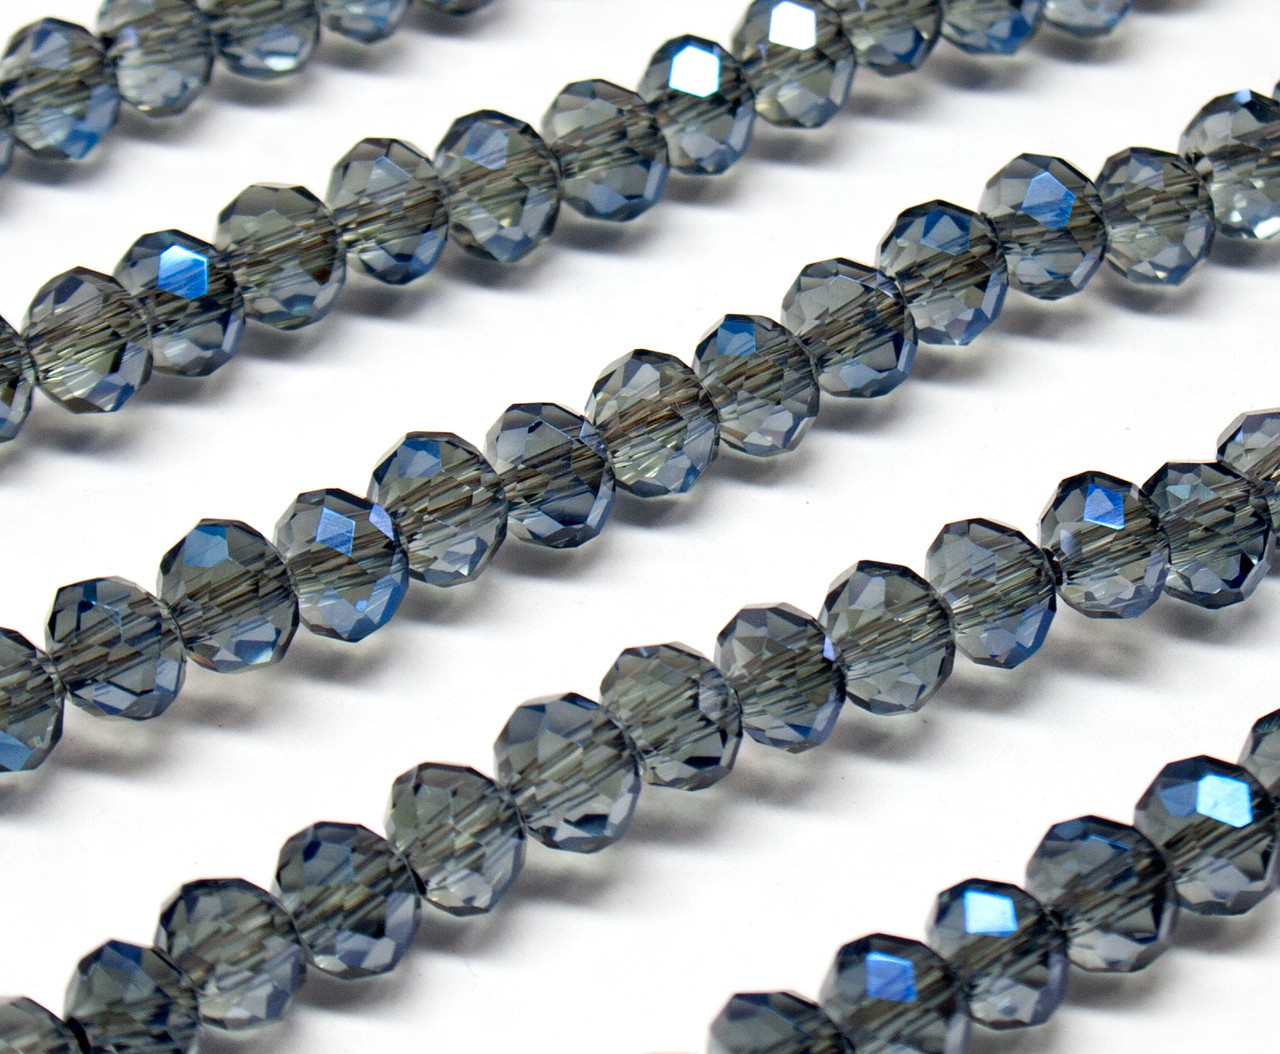 Бусины хрустальные (Рондель)  6х4мм пачка - 95-105 шт, цвет - серый прозрачный с синим АБ